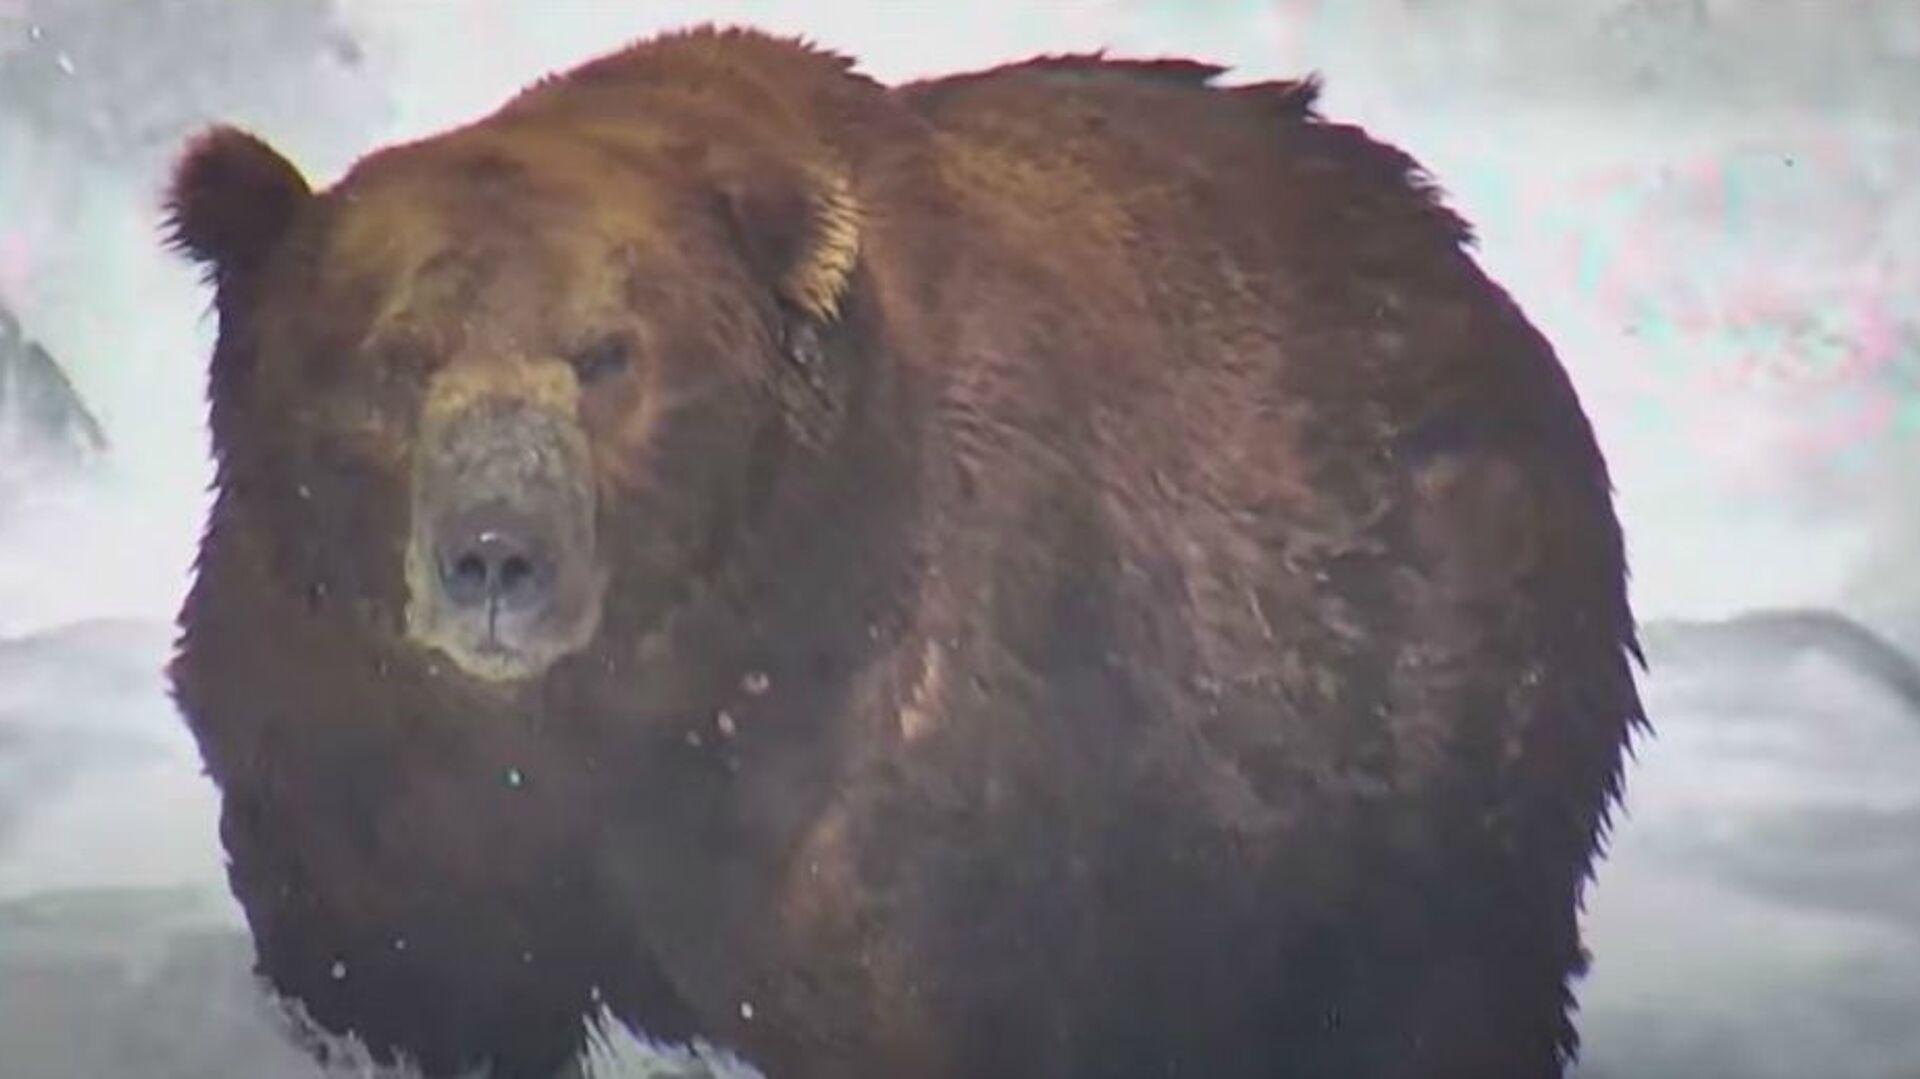 Ο αρκούδος Ερλ κέρδισε τον τίτλο «Πιο Παχιά Αρκούδα 2020» στον διαγωνισμό του εθνικού πάρκου Katmai, στην Αλάσκα - Sputnik Ελλάδα, 1920, 03.10.2021